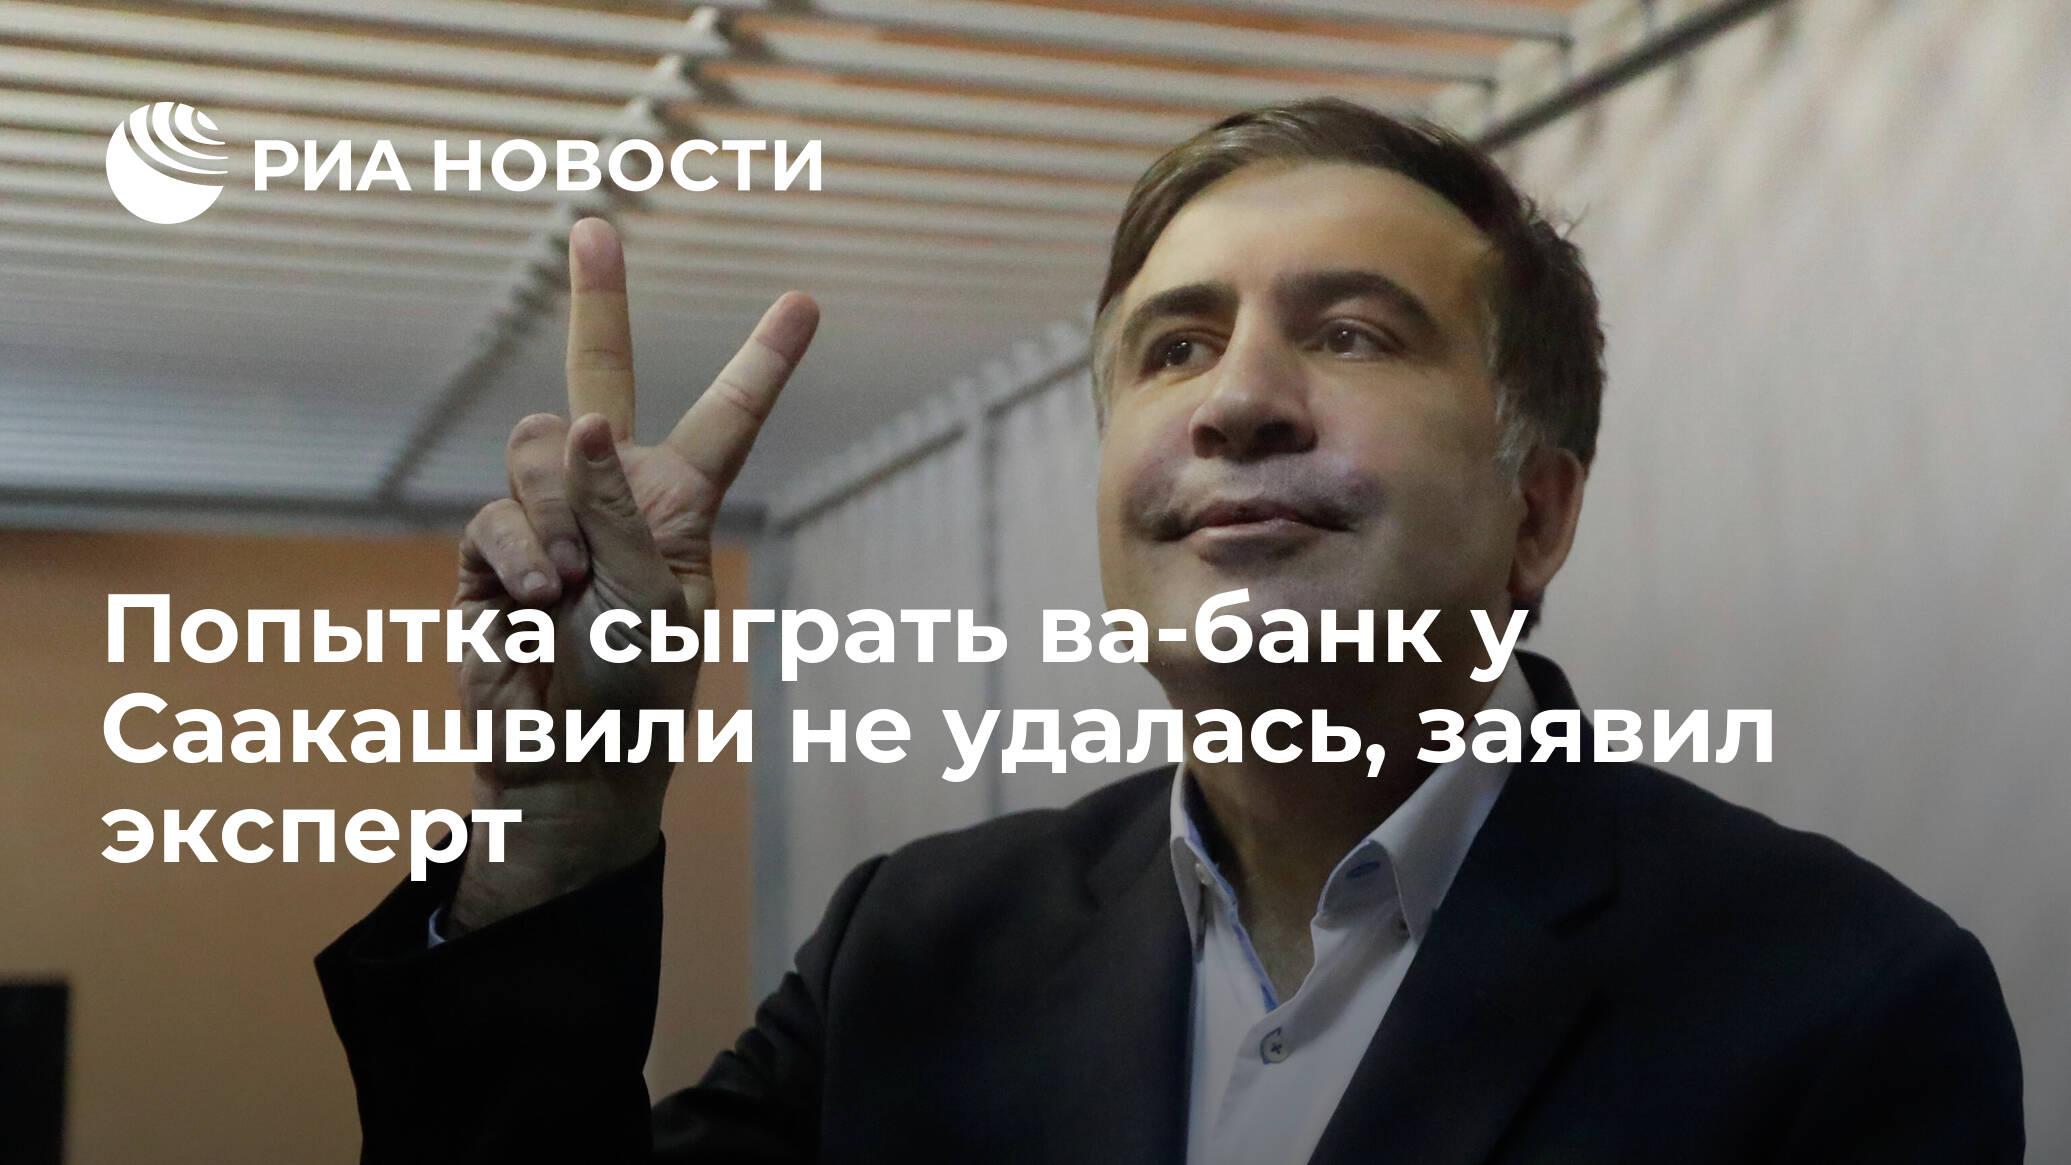 Попытка сыграть ва-банк у Саакашвили не удалась, заявил эксперт